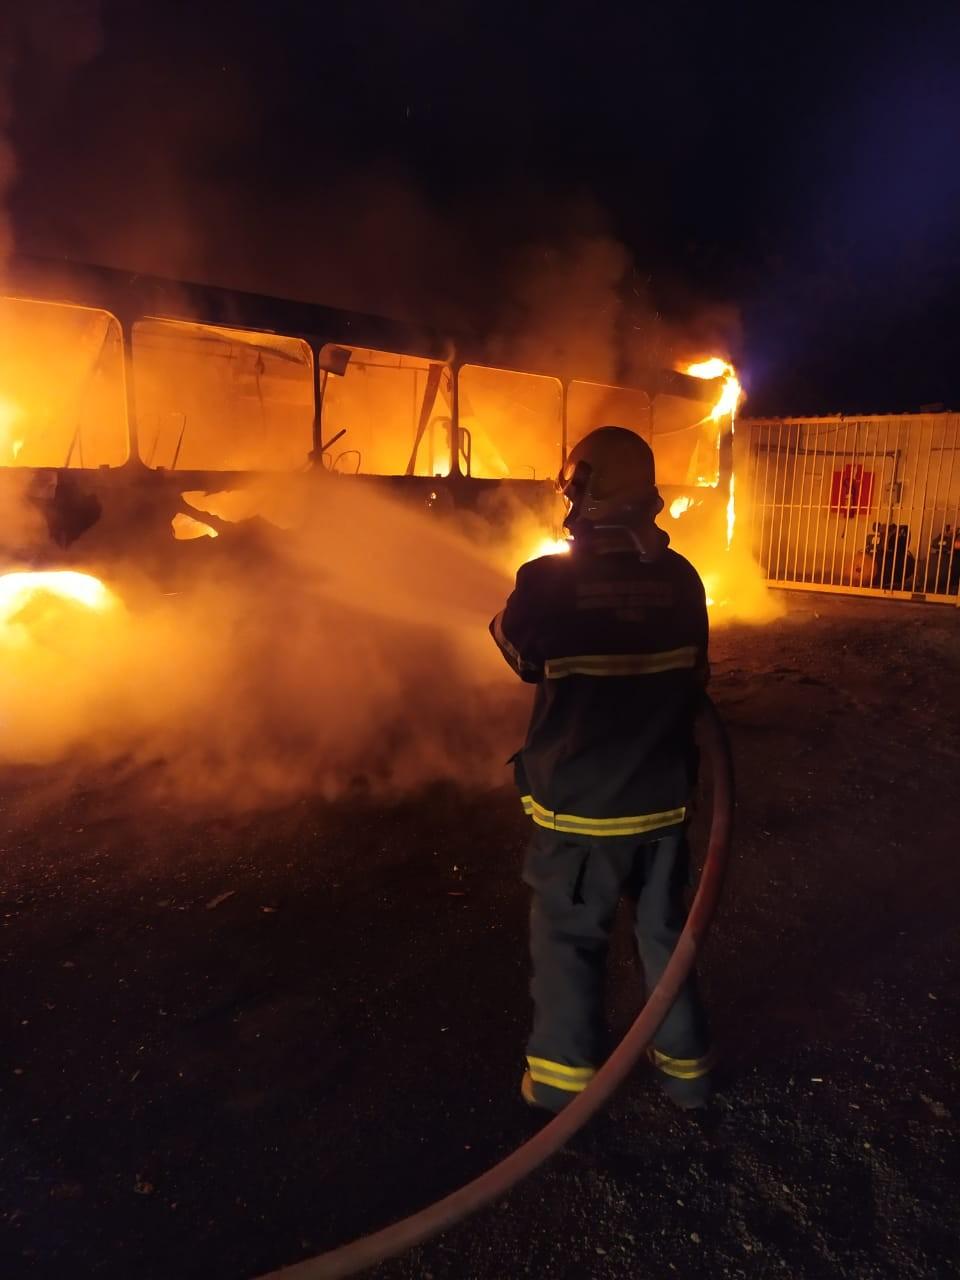 Bombeiros combatem incêndio em garagem de ônibus na Região Central de Minas